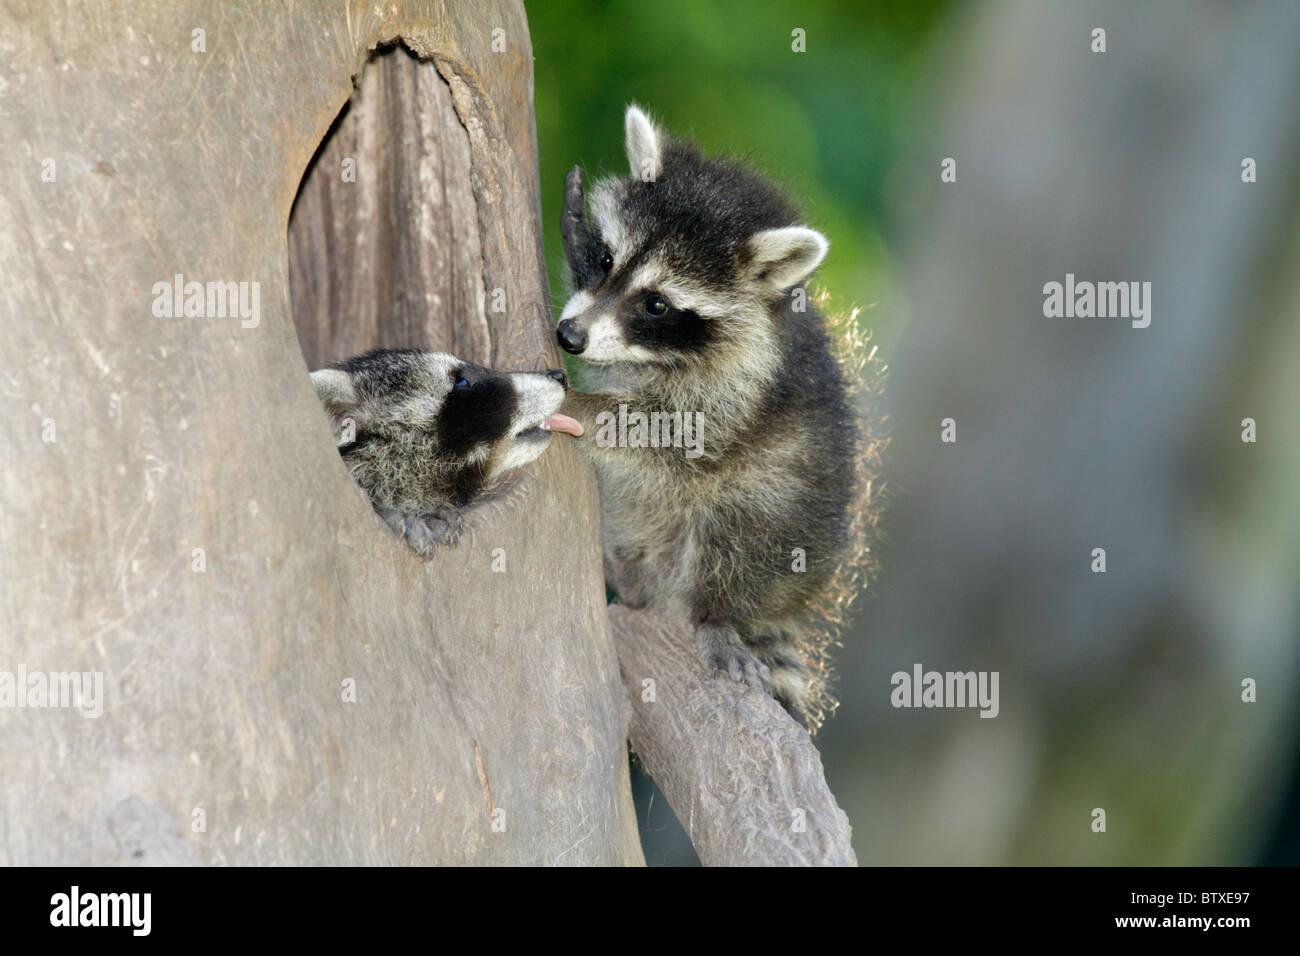 Raccoon (Procione lotor), due animali per bambini a giocare a den ingresso, Germania Immagini Stock